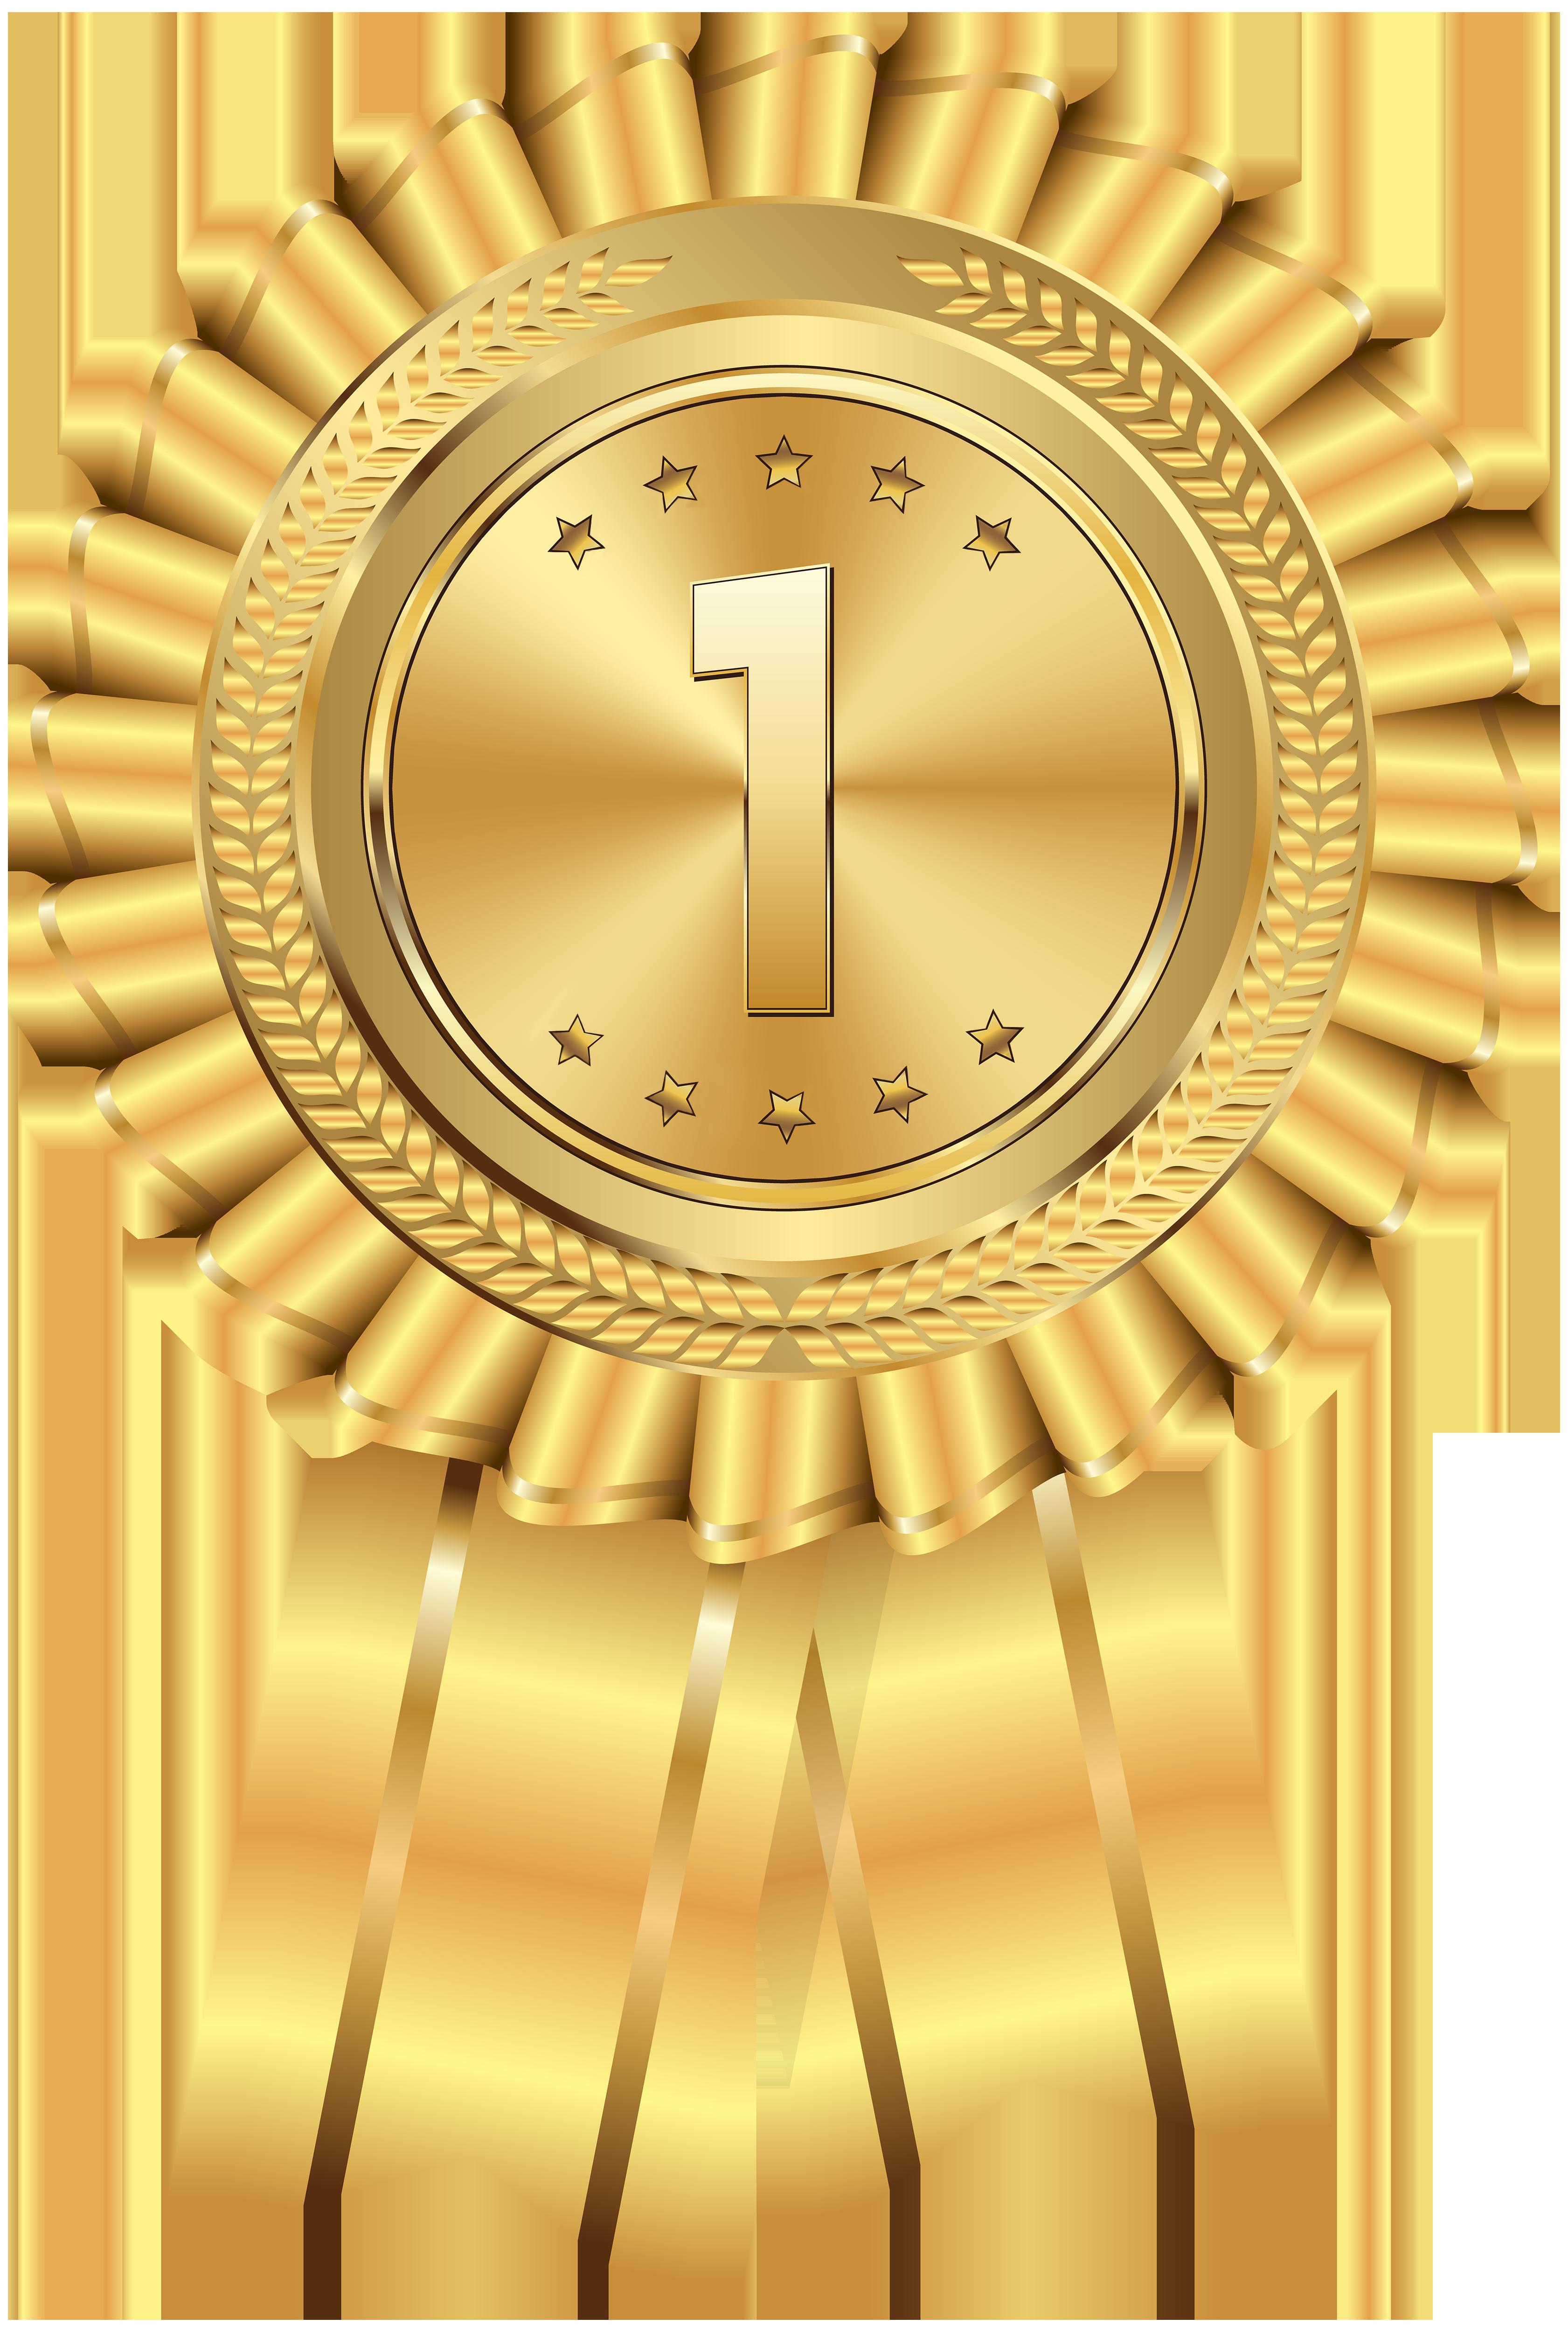 Gold Medal Transparent PNG Clip Art Image.